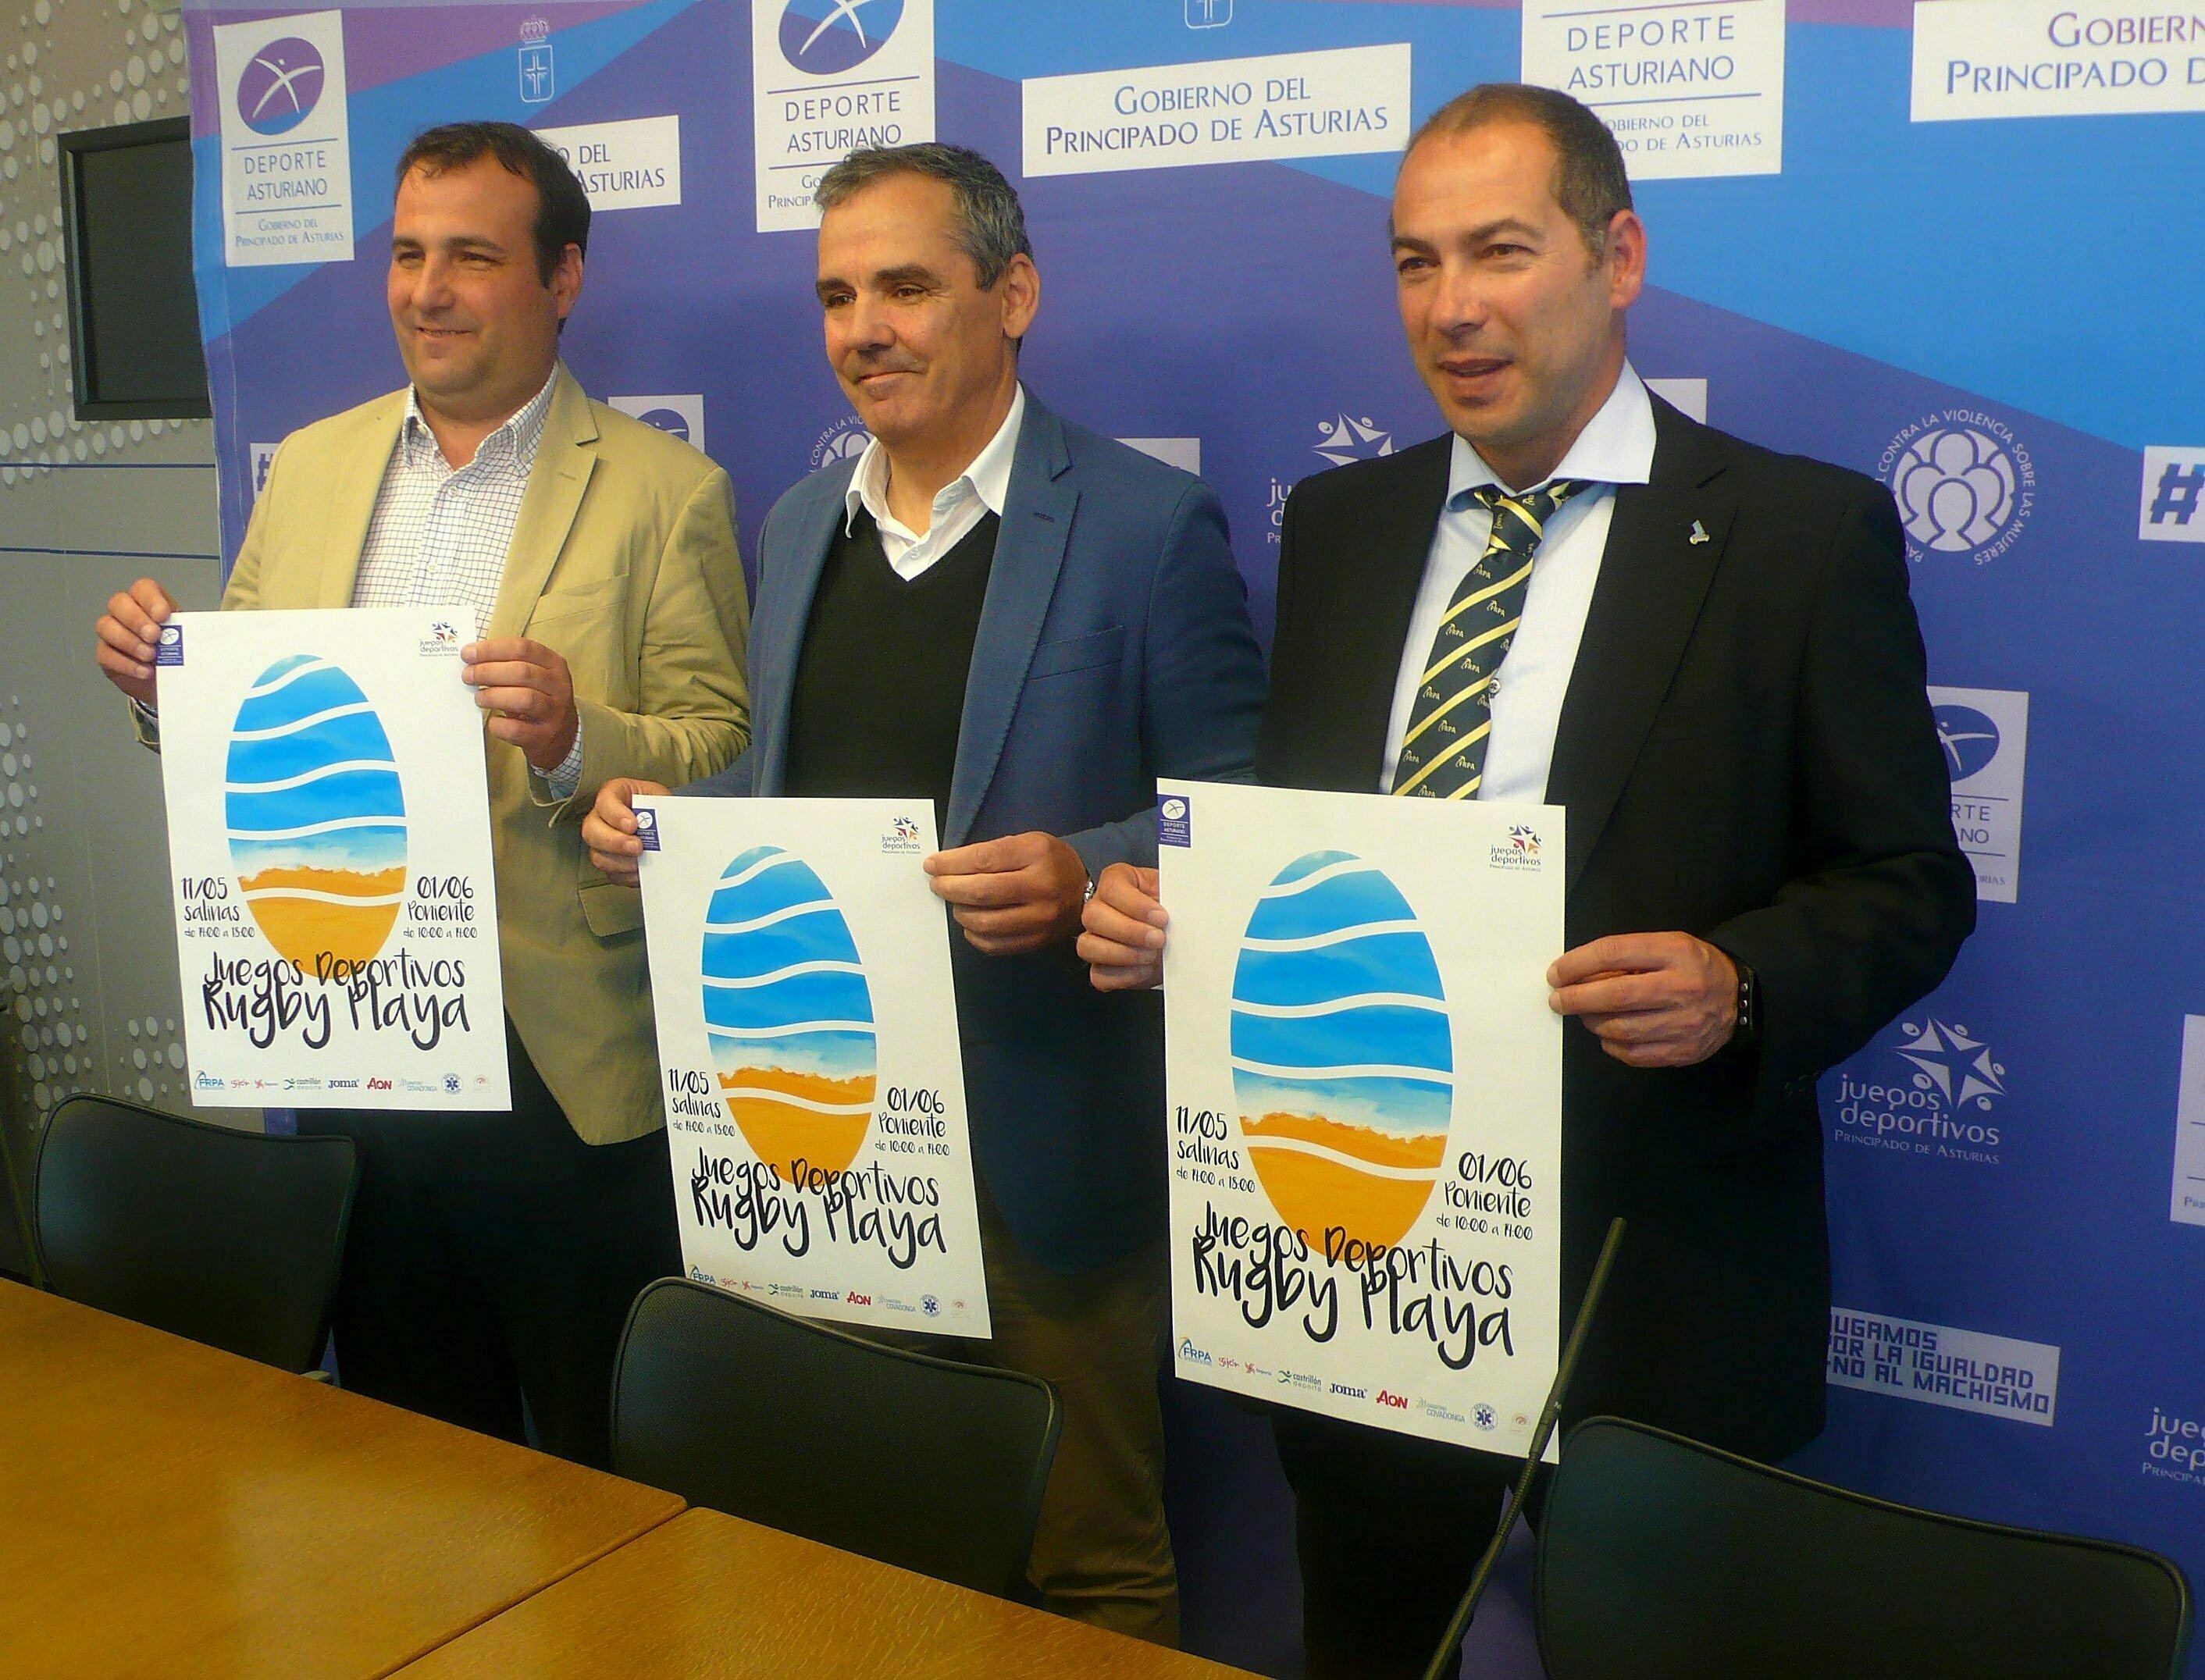 Presentación de los Juegos Deportivos de Rugby Playa que contarán con mas de 400 participantes